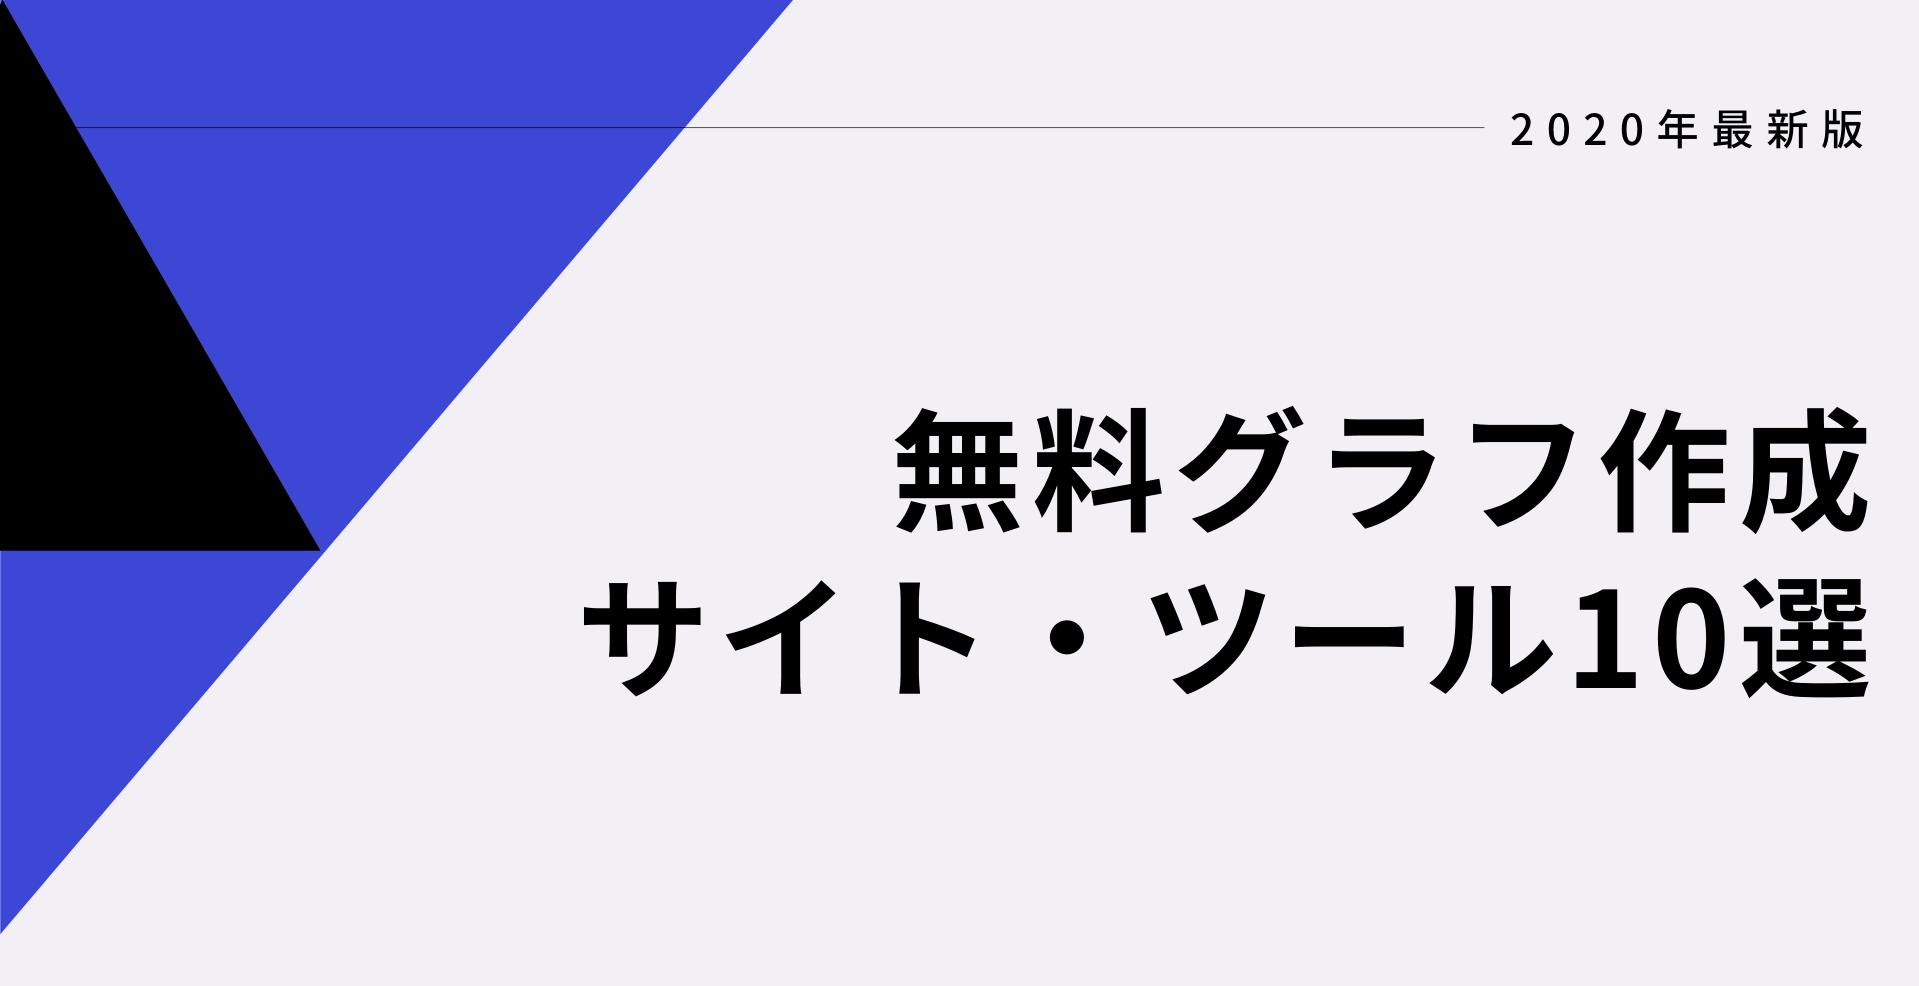 グラフ作成サイト